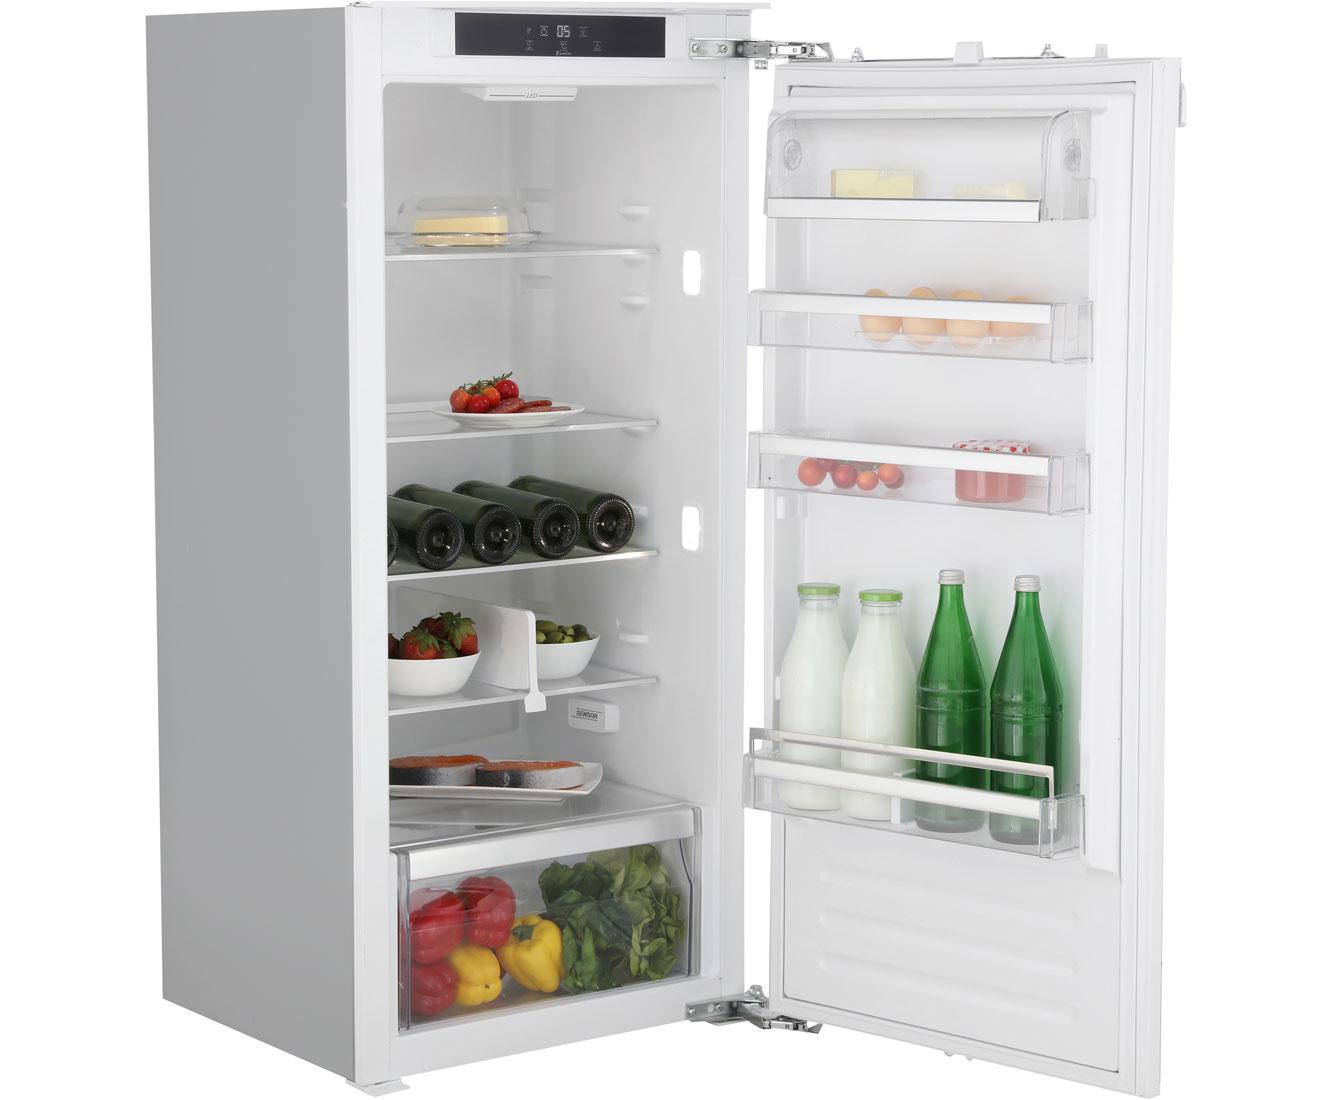 Bomann Kühlschrank Kg 322 : A liebherr kühlschrank preisvergleich u die besten angebote